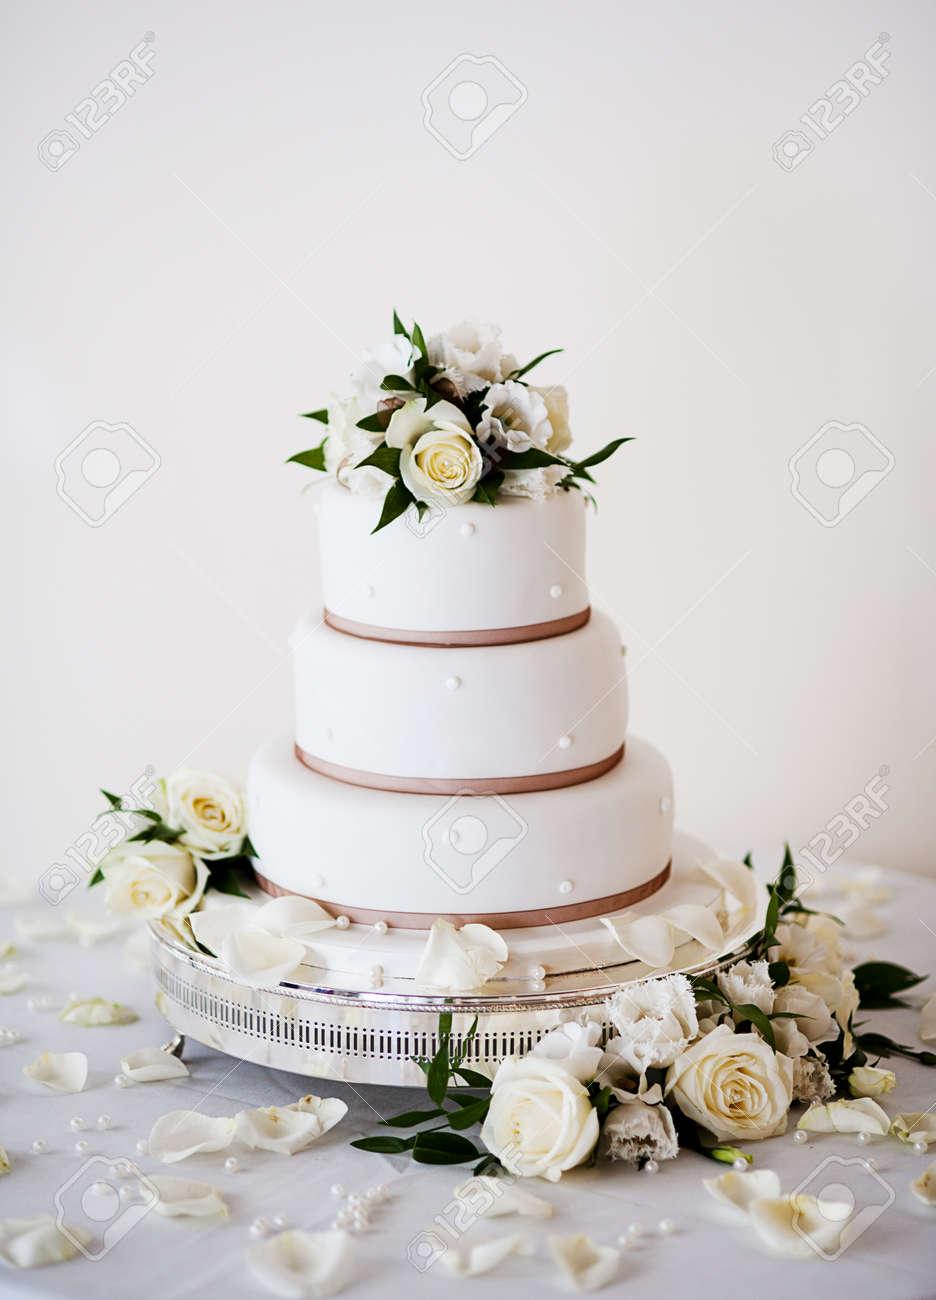 Schone Und Leckere Hochzeitstorte Auf Hochzeitsfeier Lizenzfreie